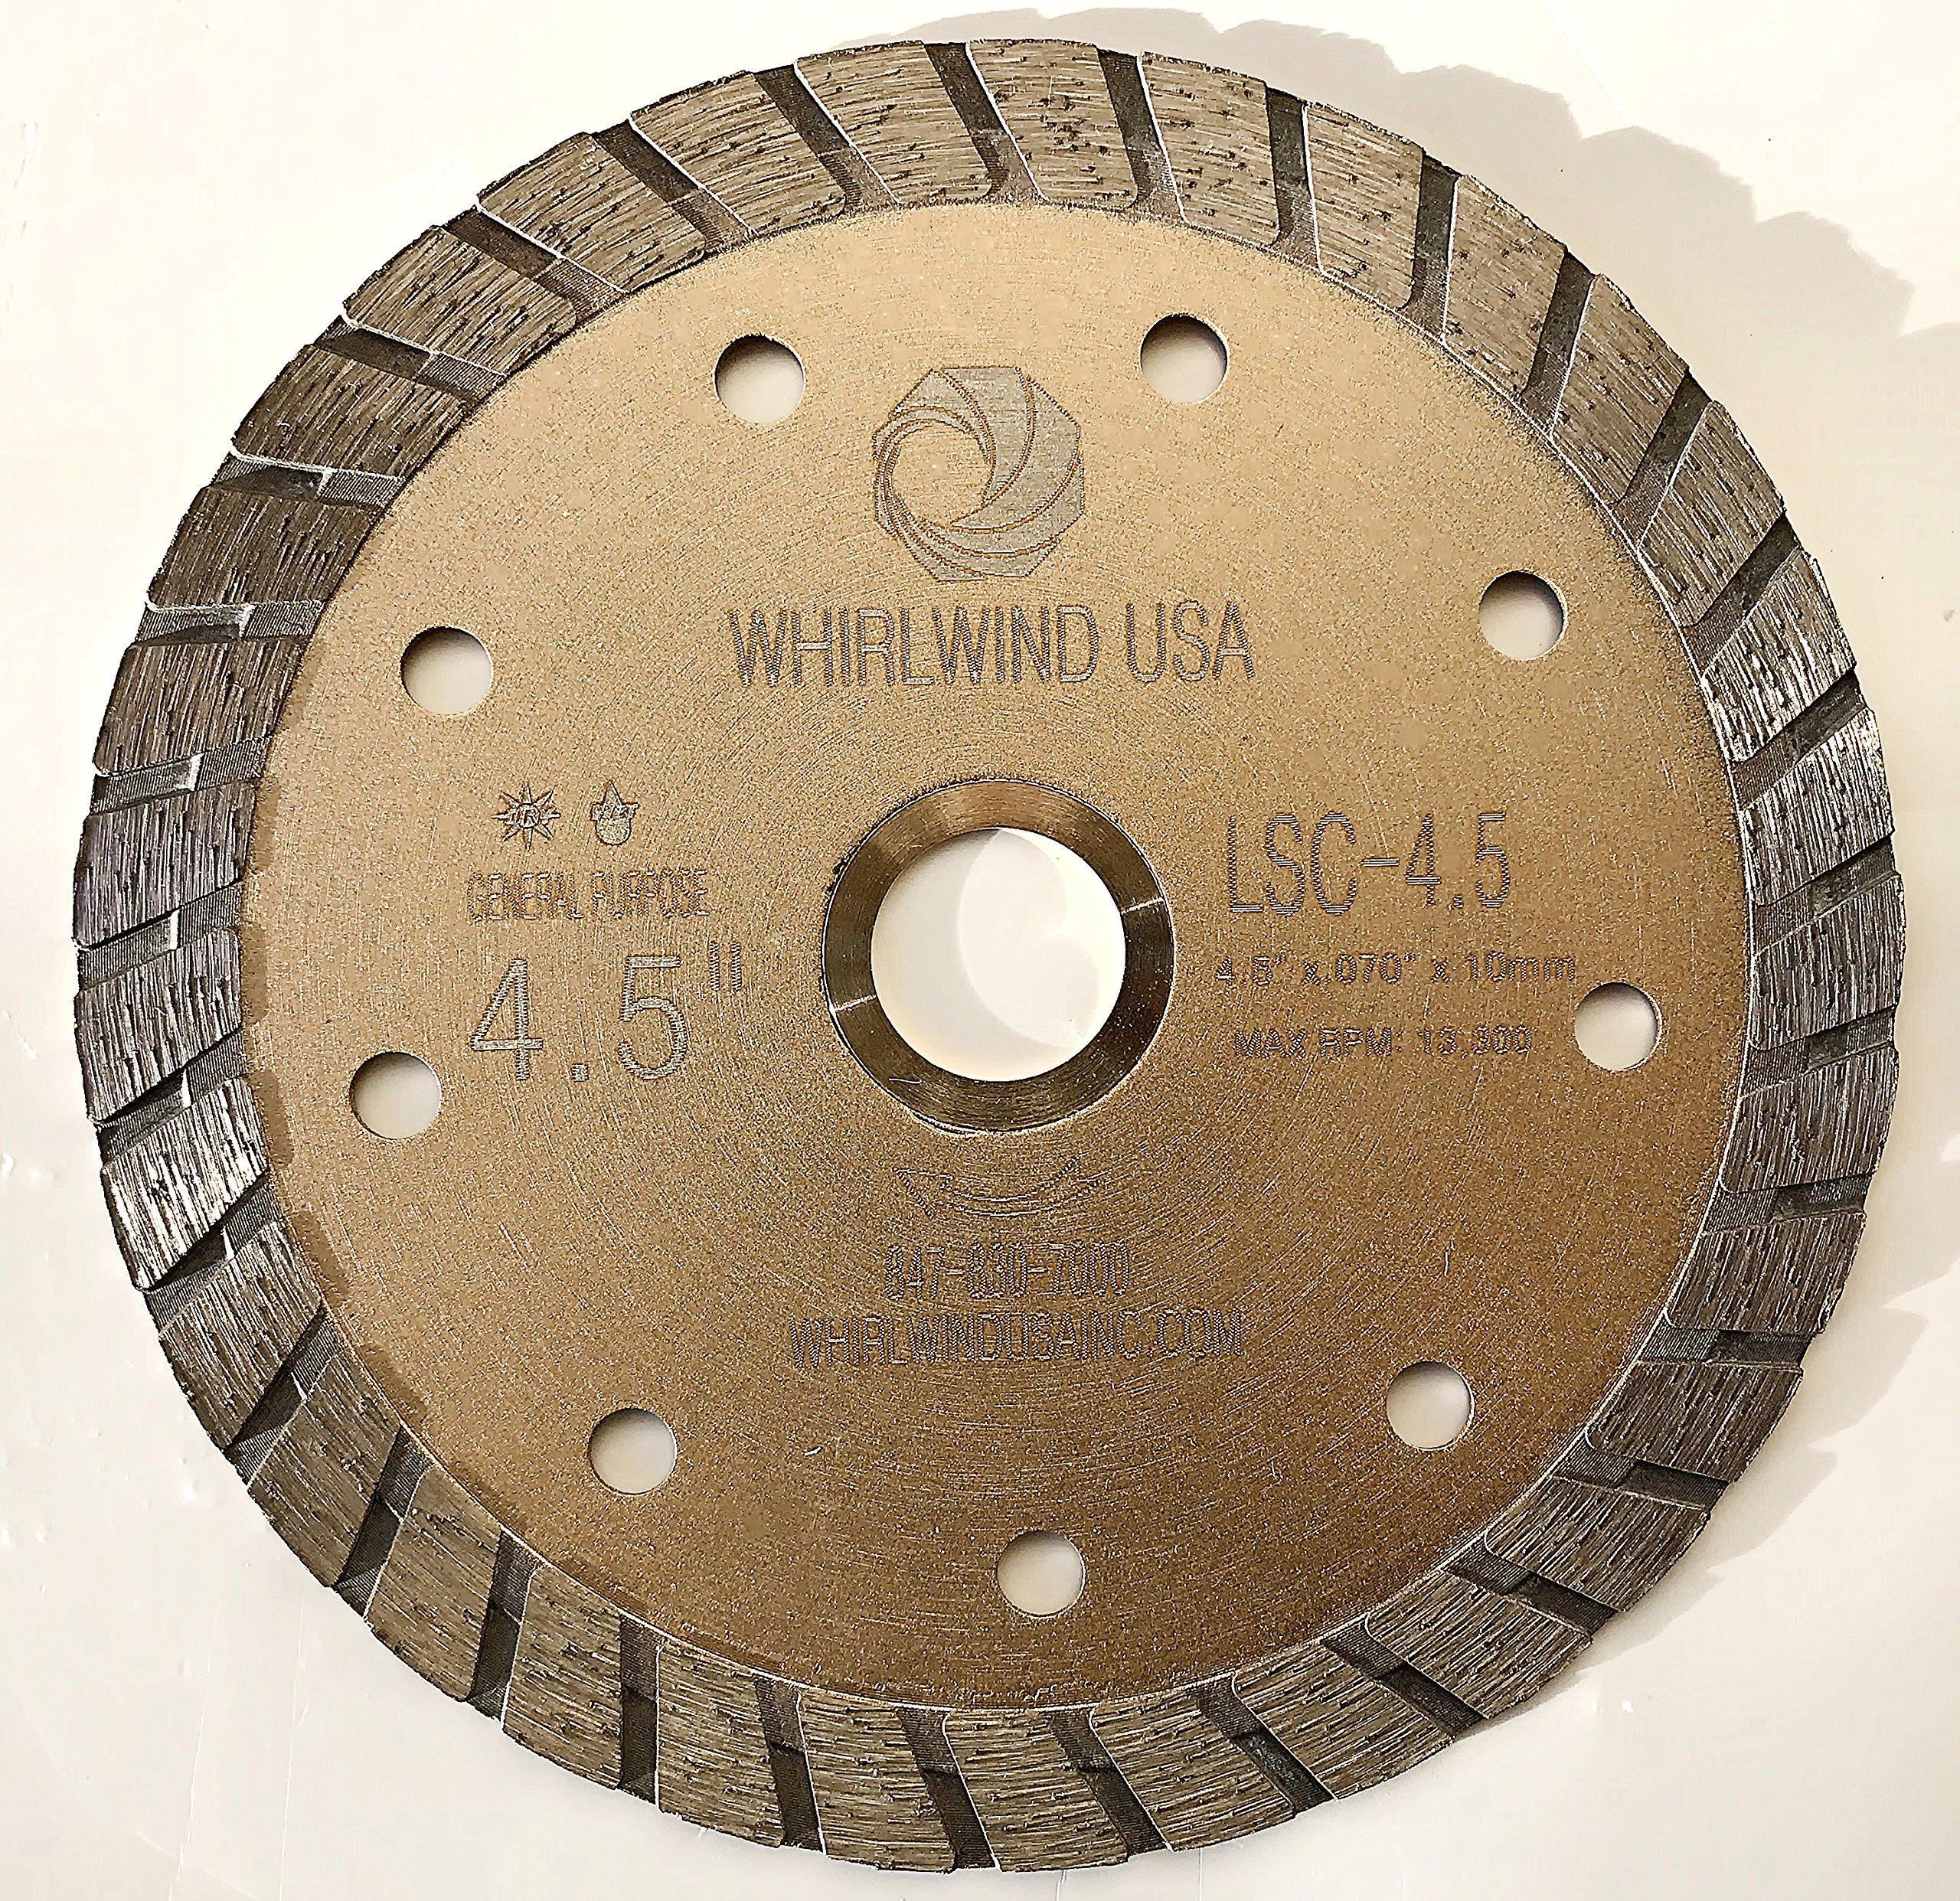 Disco de Diamante WHIRLWIND LSC 4 1/2 pulg. Corte en seco o en húmedo Propósito general Sierra continua de potencia turb